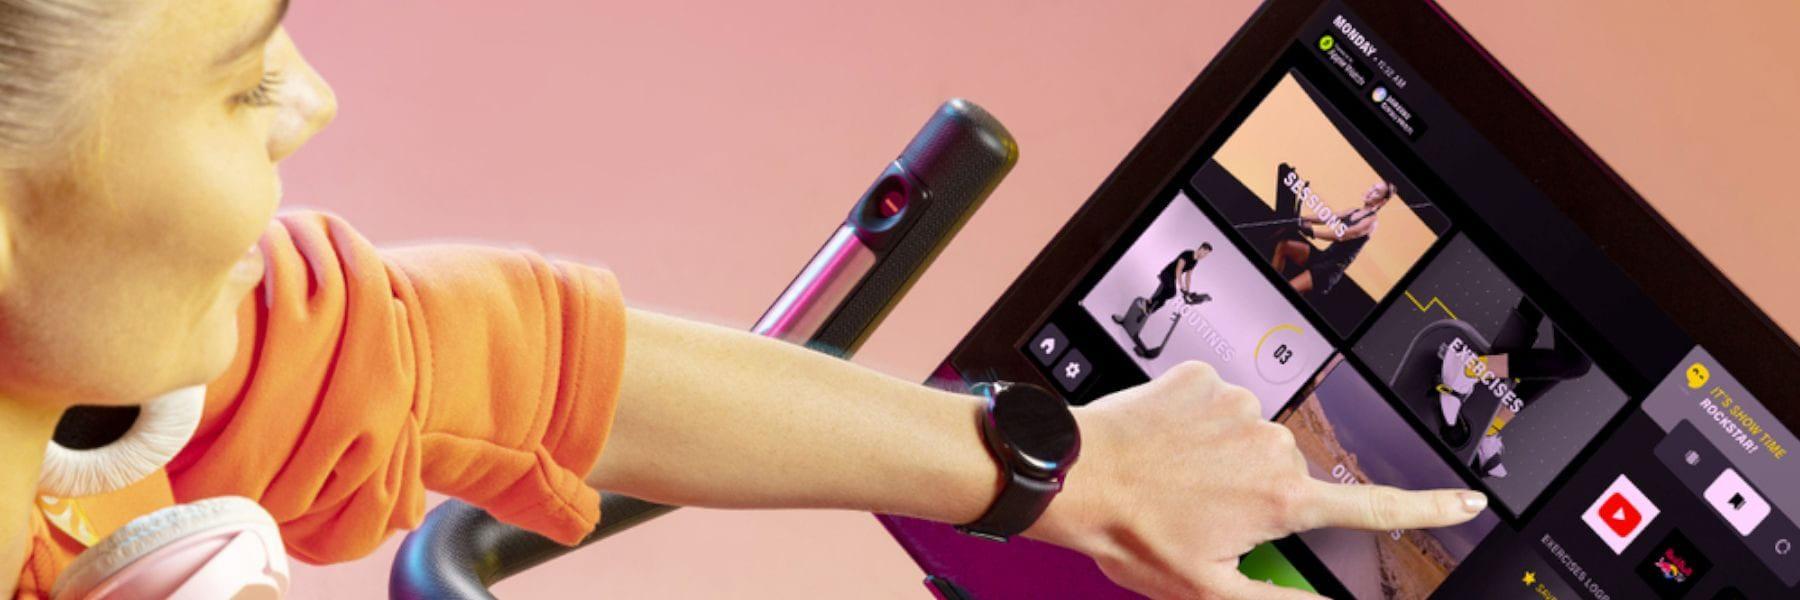 Technogym leder den digitala träningsrevolutionen